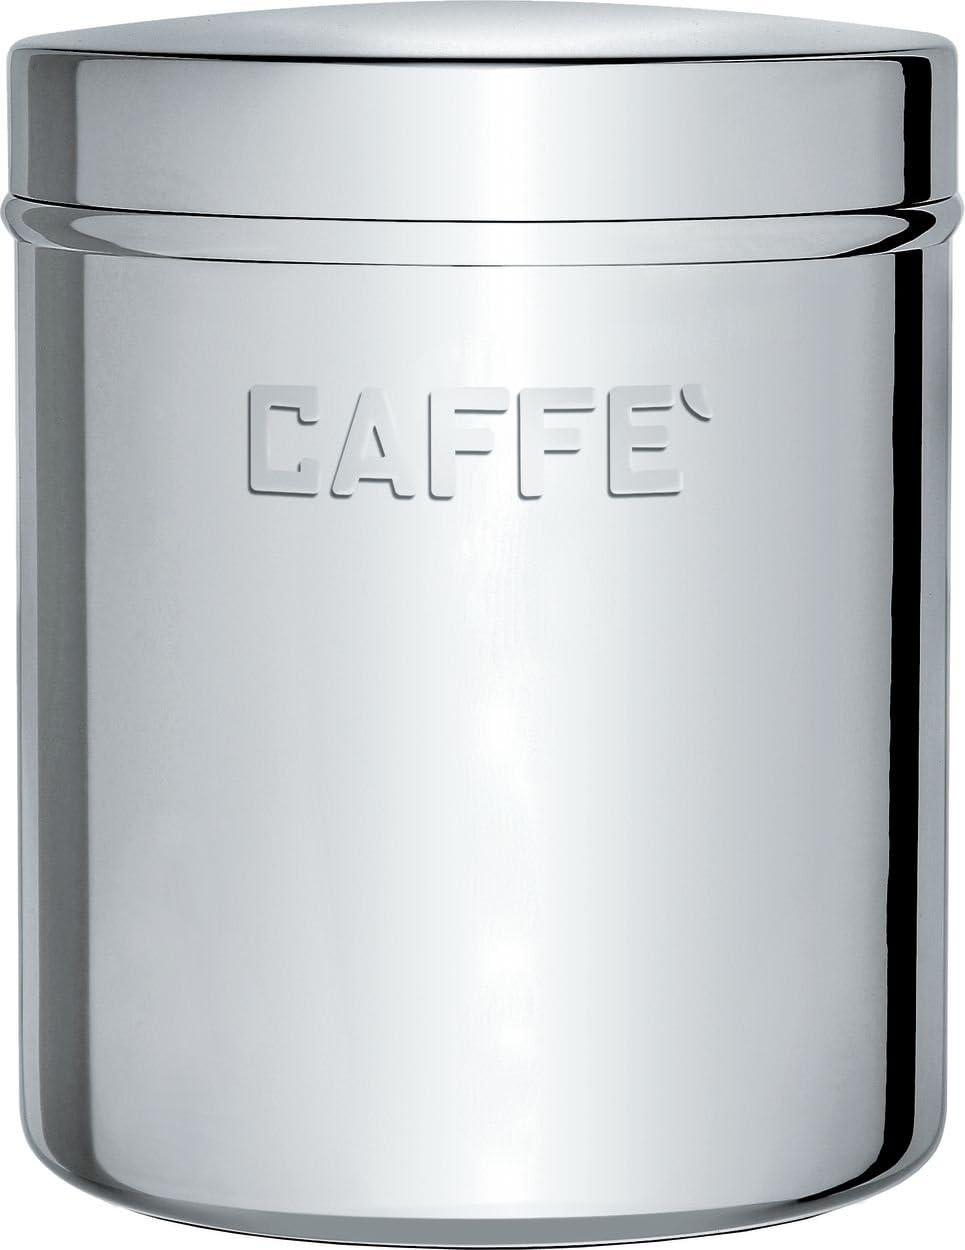 Lucido Alessi UTA1383//C Barattolo in Acciaio Inossidabile 18//10 caff/è